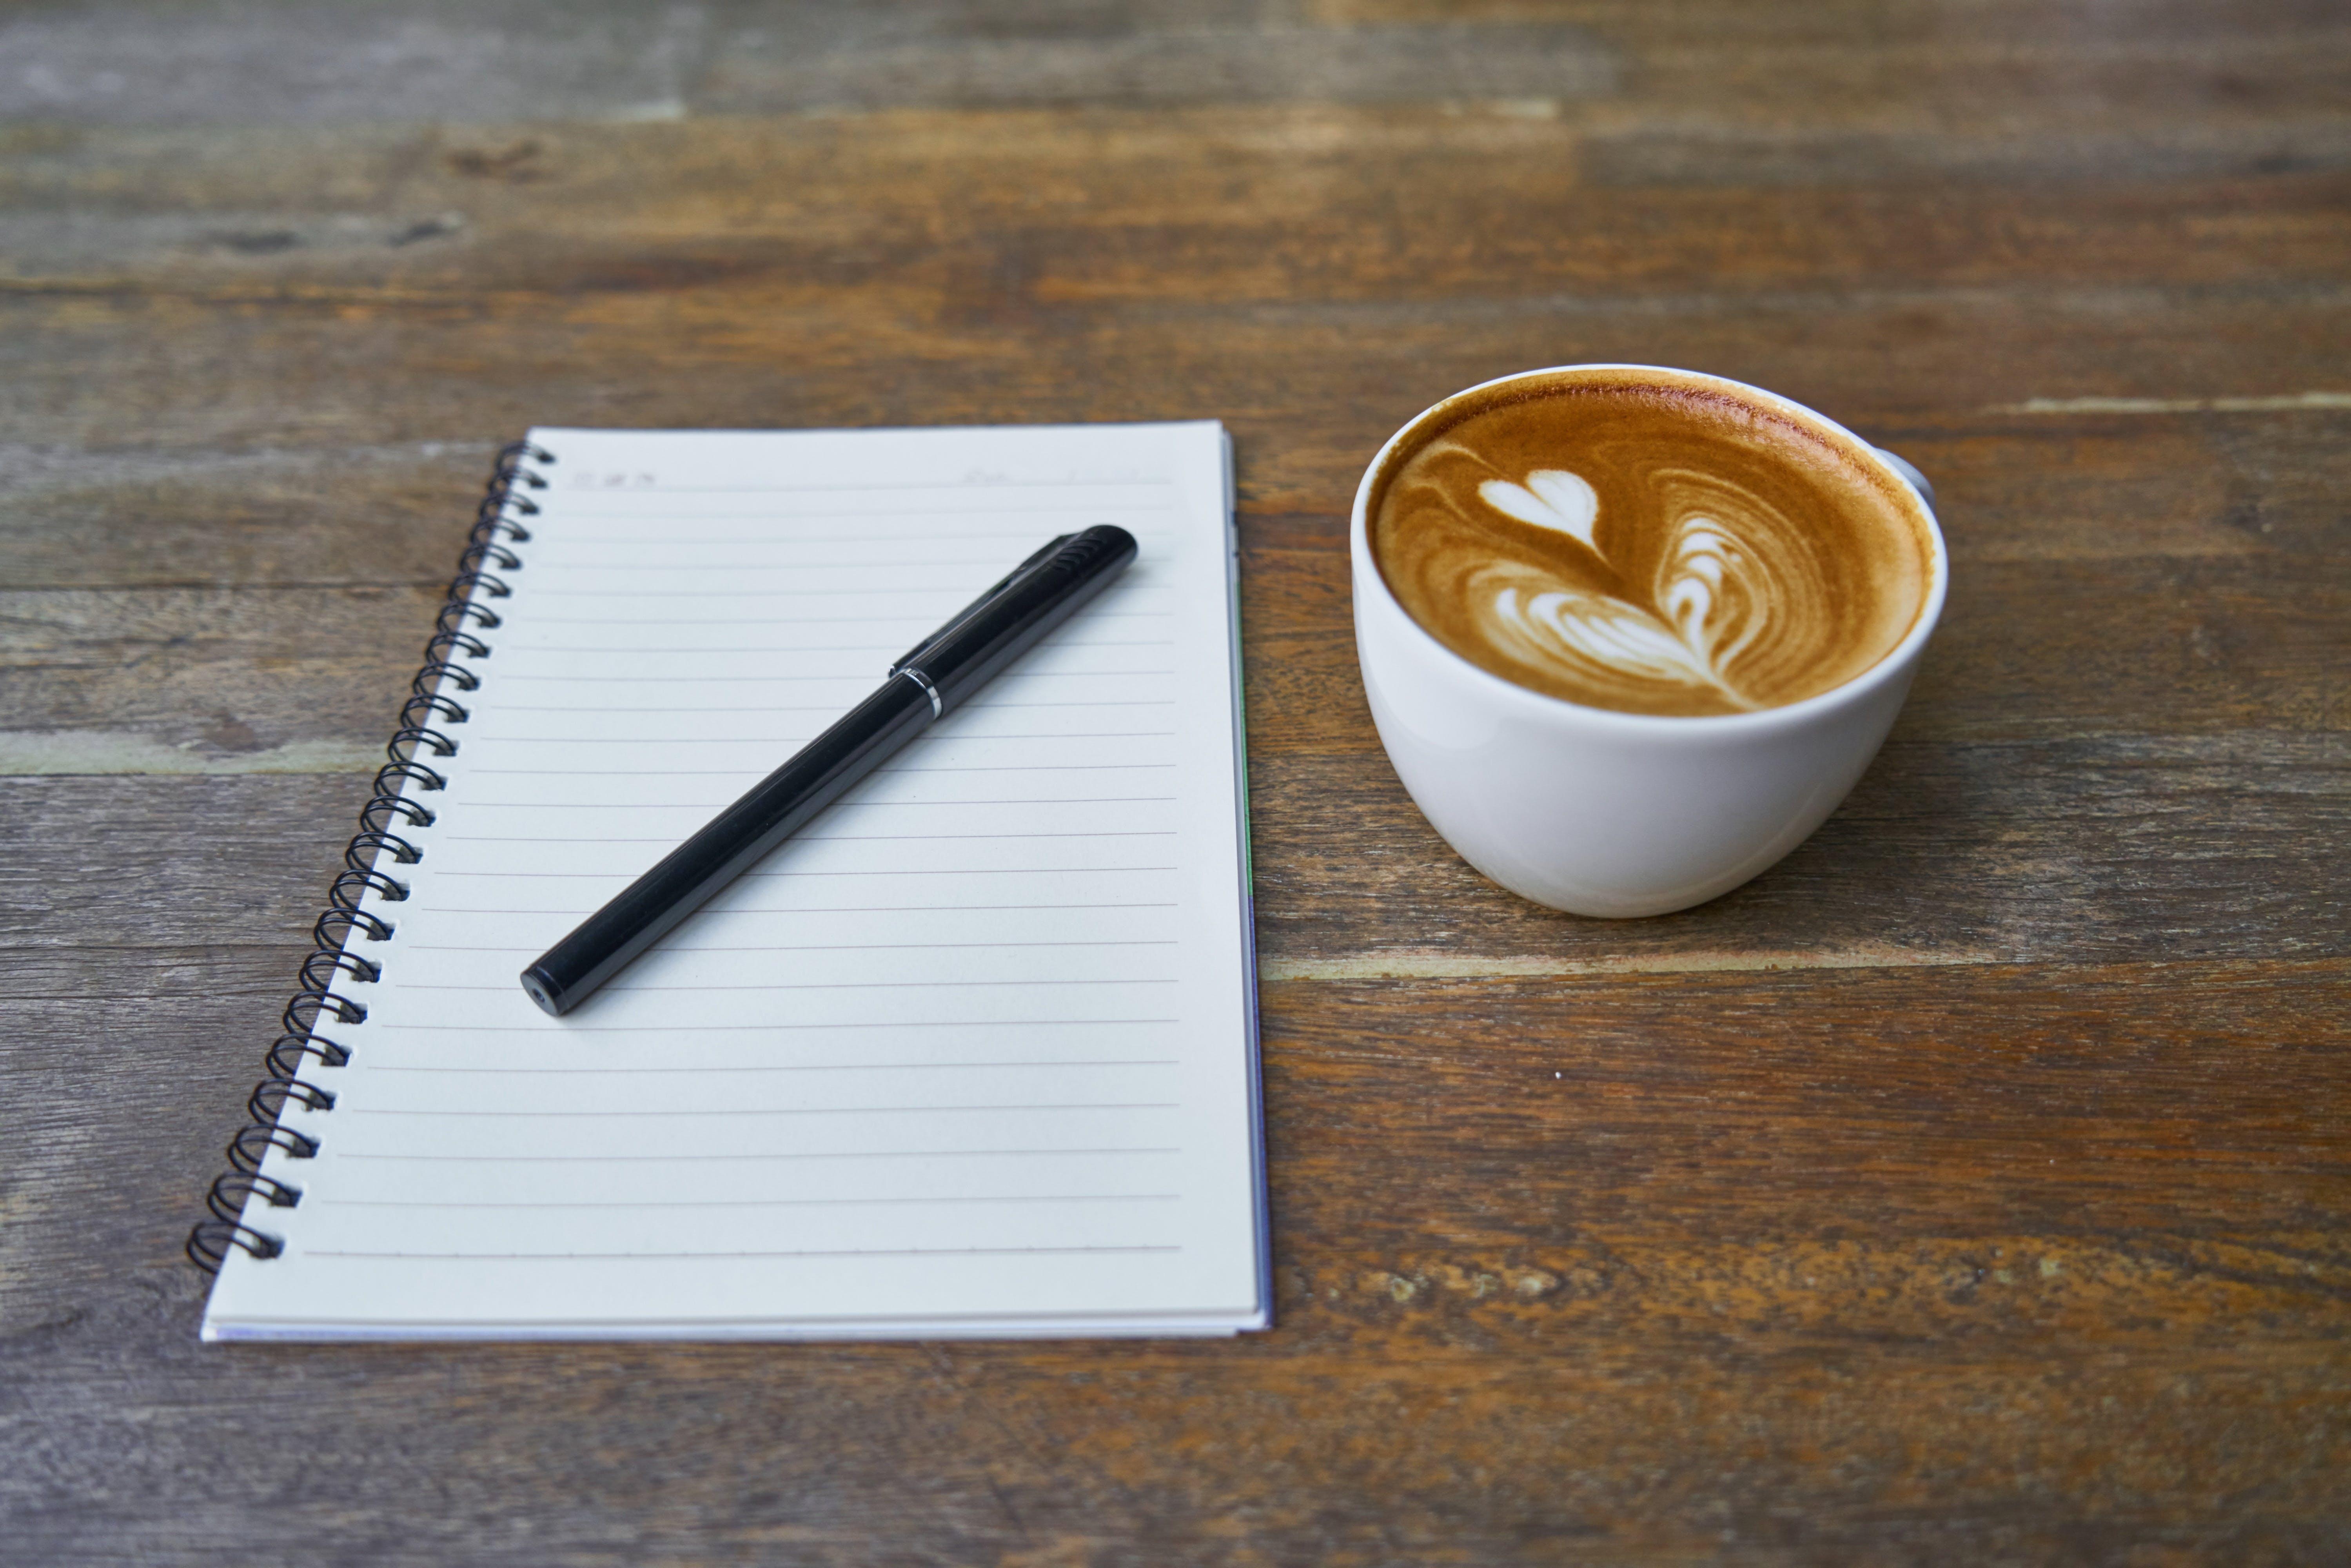 Foto stok gratis buku agenda, cangkir, latte, meja kayu